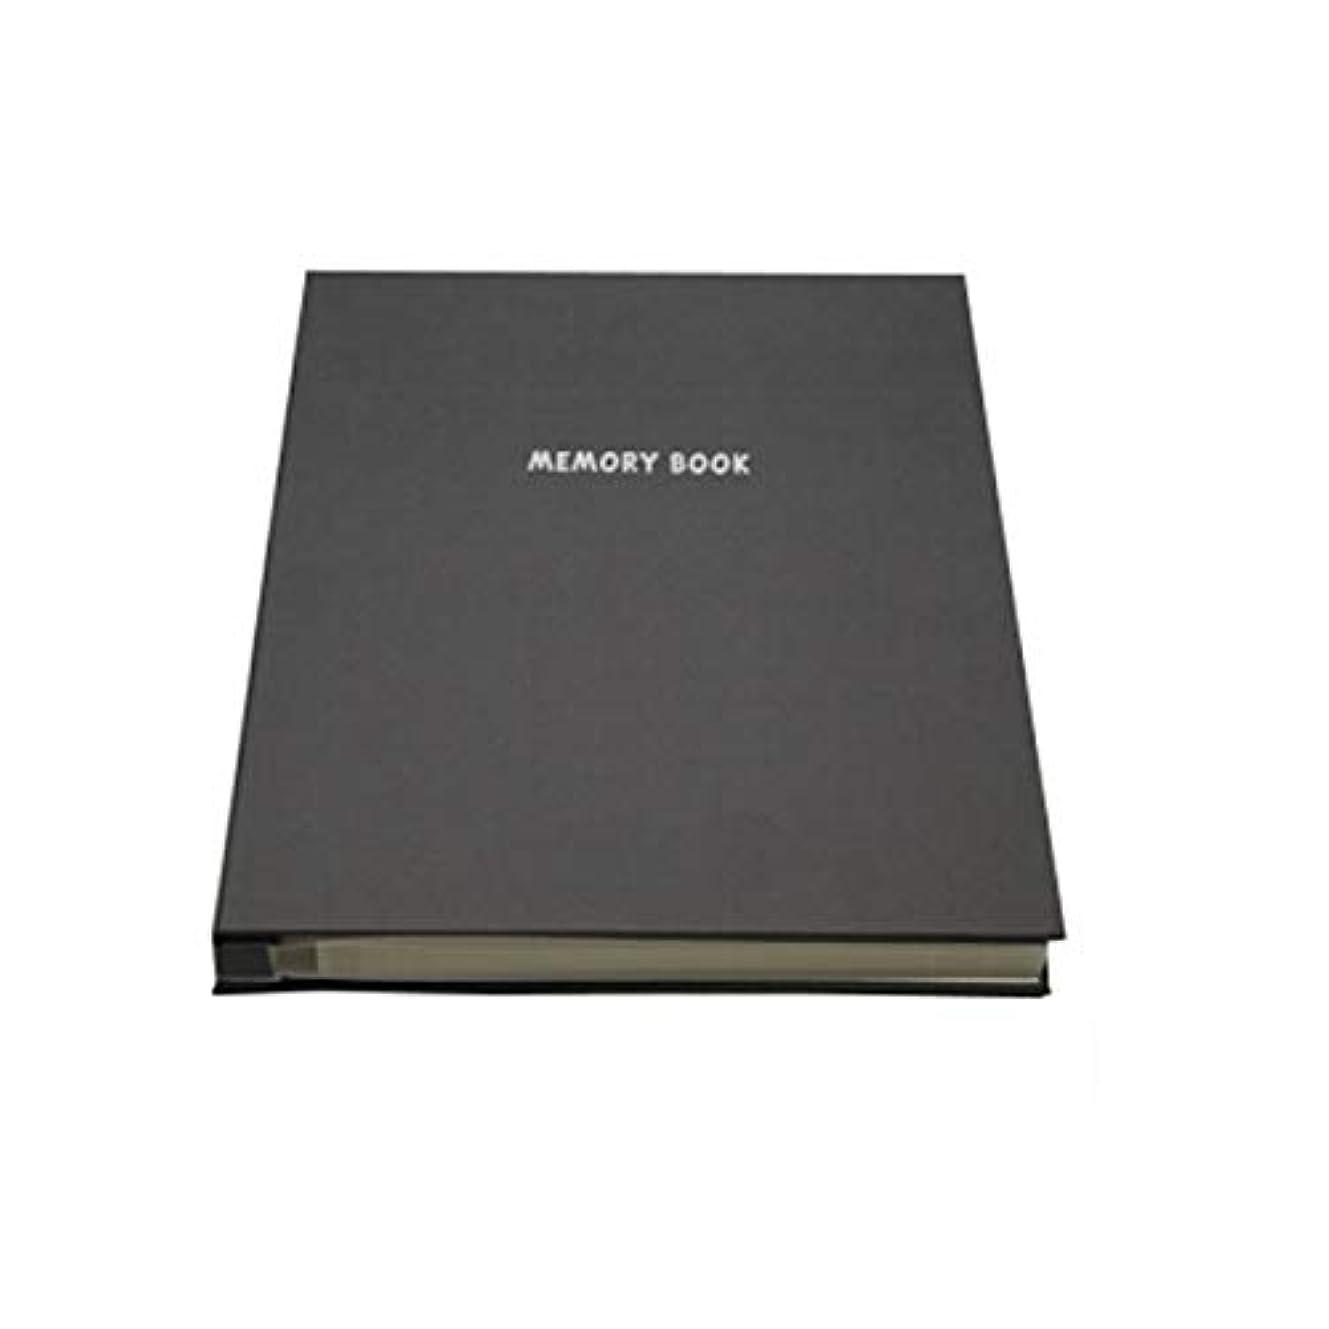 エミュレートするあなたは換気するHKXR アルバムアルバムThin Family Album粘着アルバムコレクションMemory Collection Book 18インチ (Color : Black)